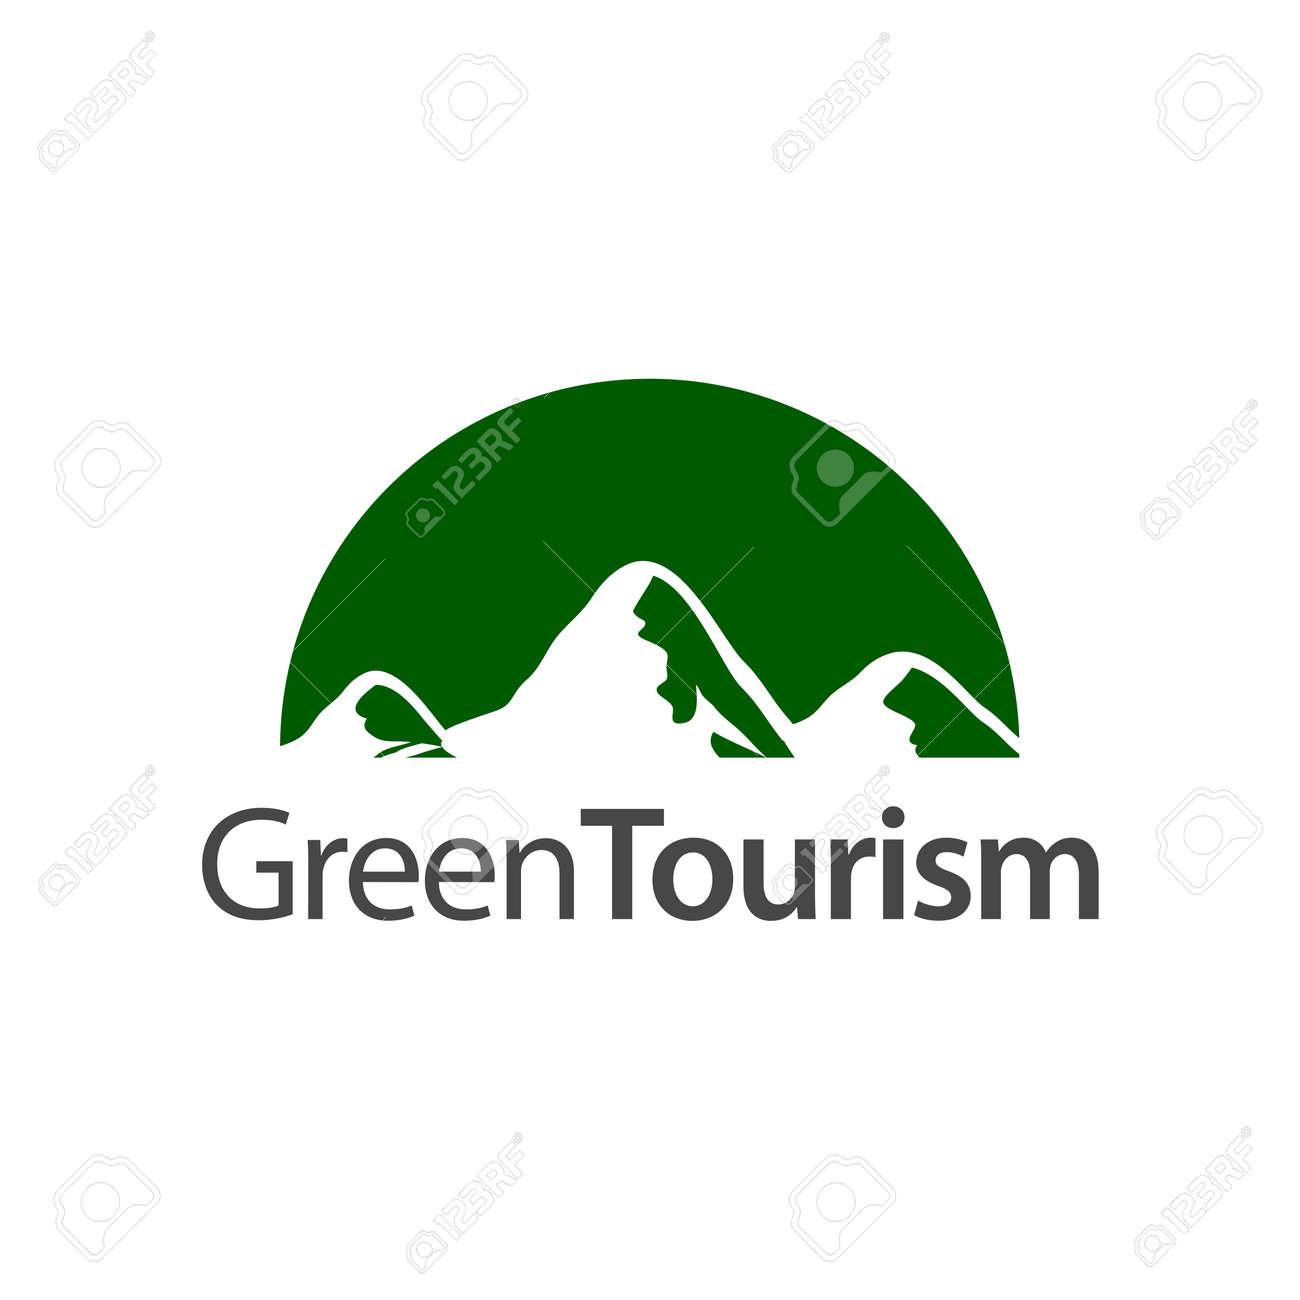 Green Tourism. Half circle mountain icon logo concept design template idea - 143647472